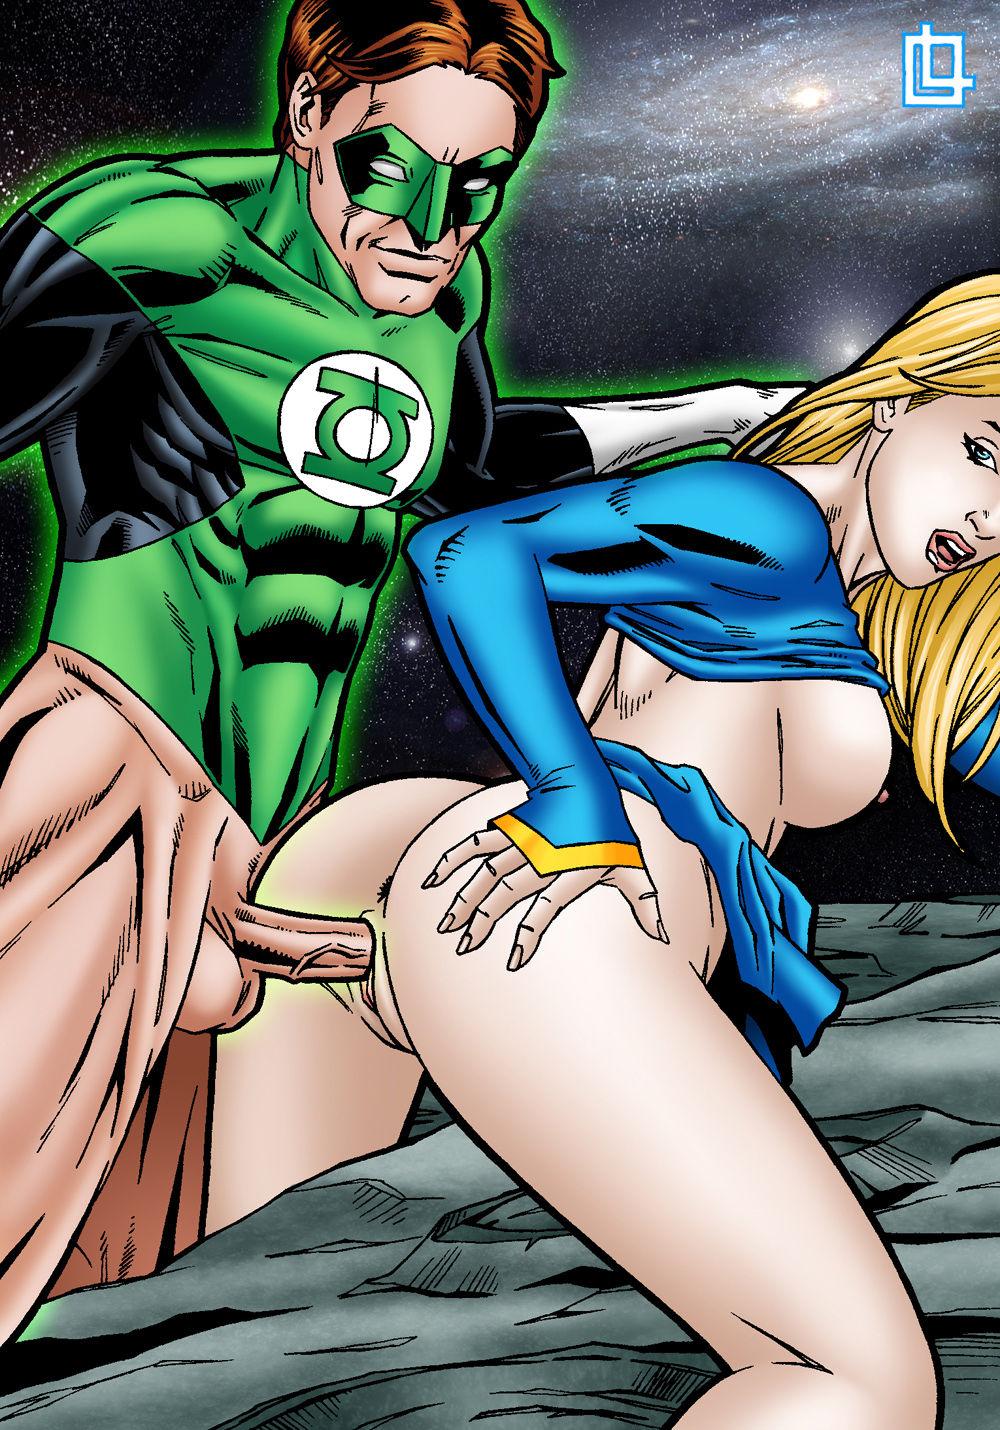 порнуха с зеленым фонарем женские ножки